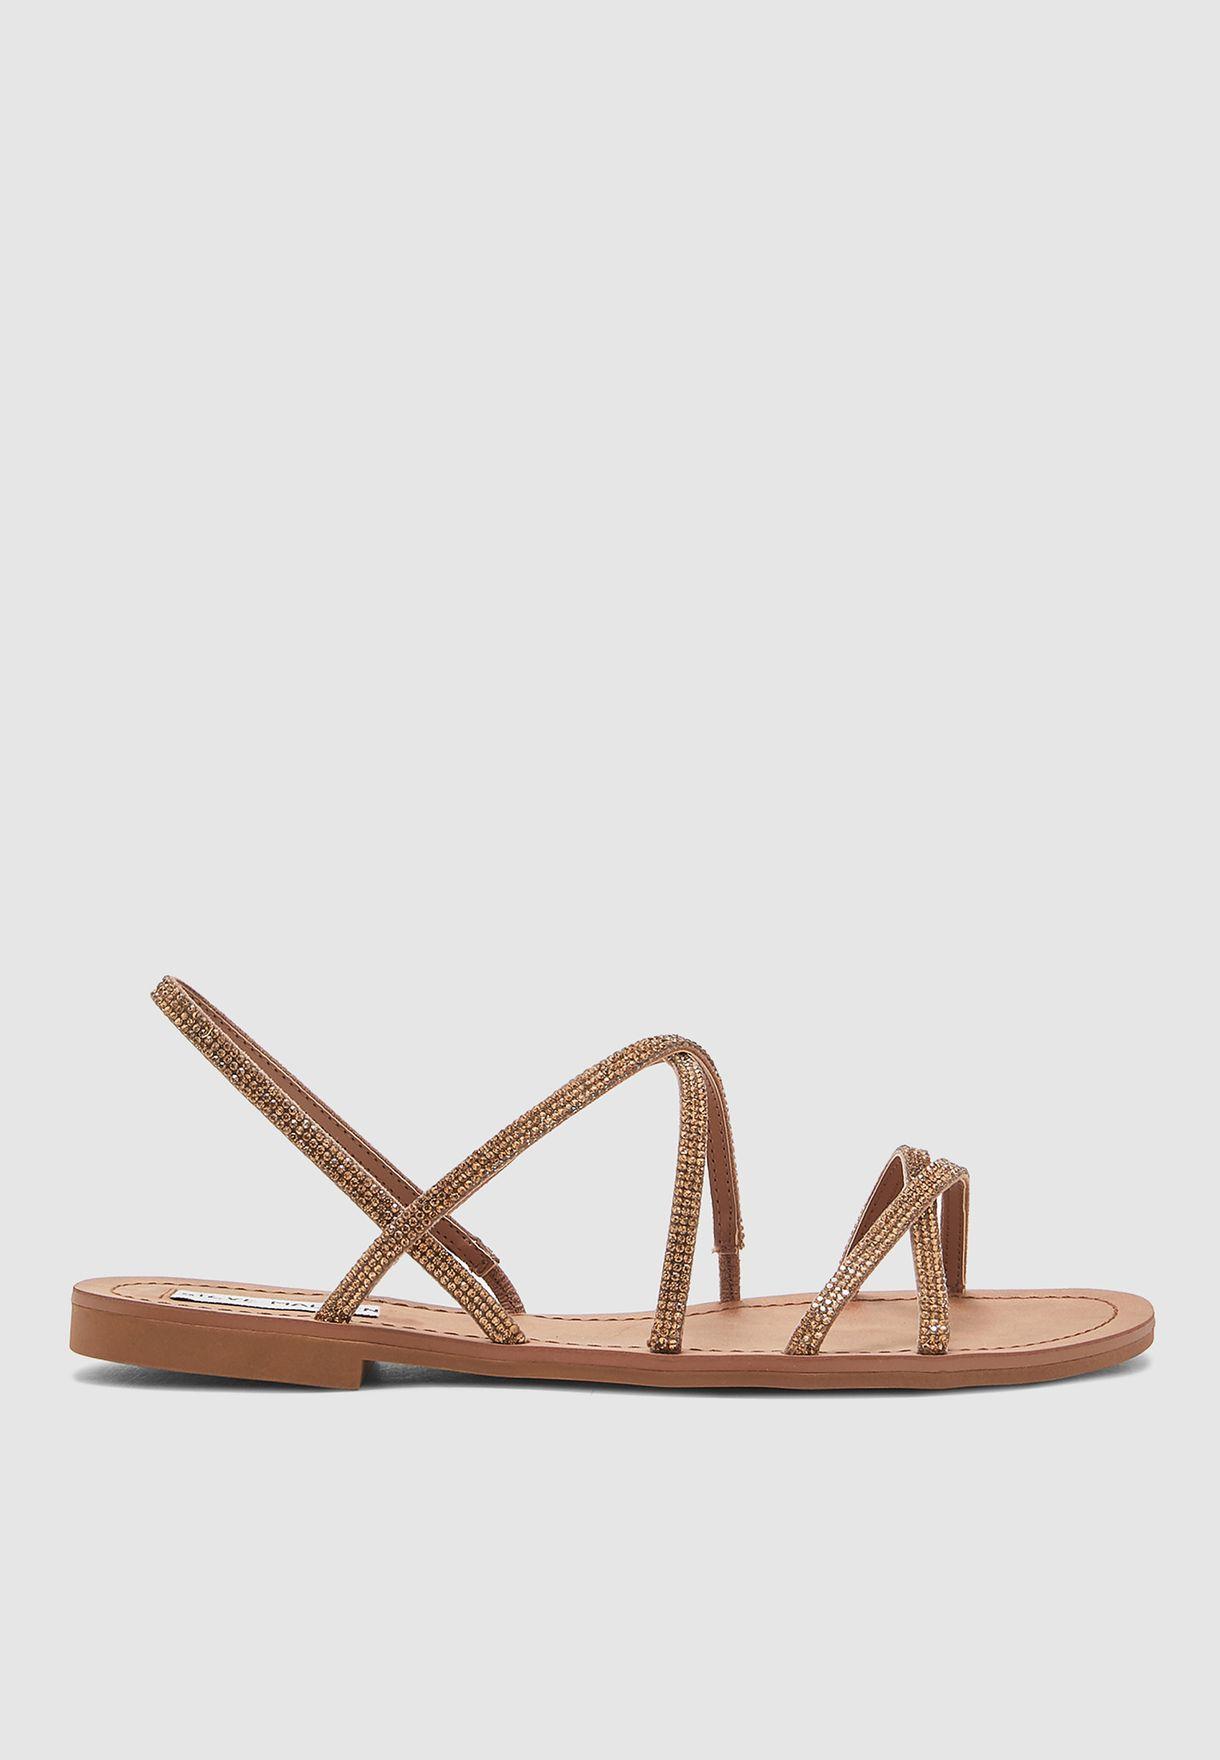 Rita Multi Cross Sandal - Bronze